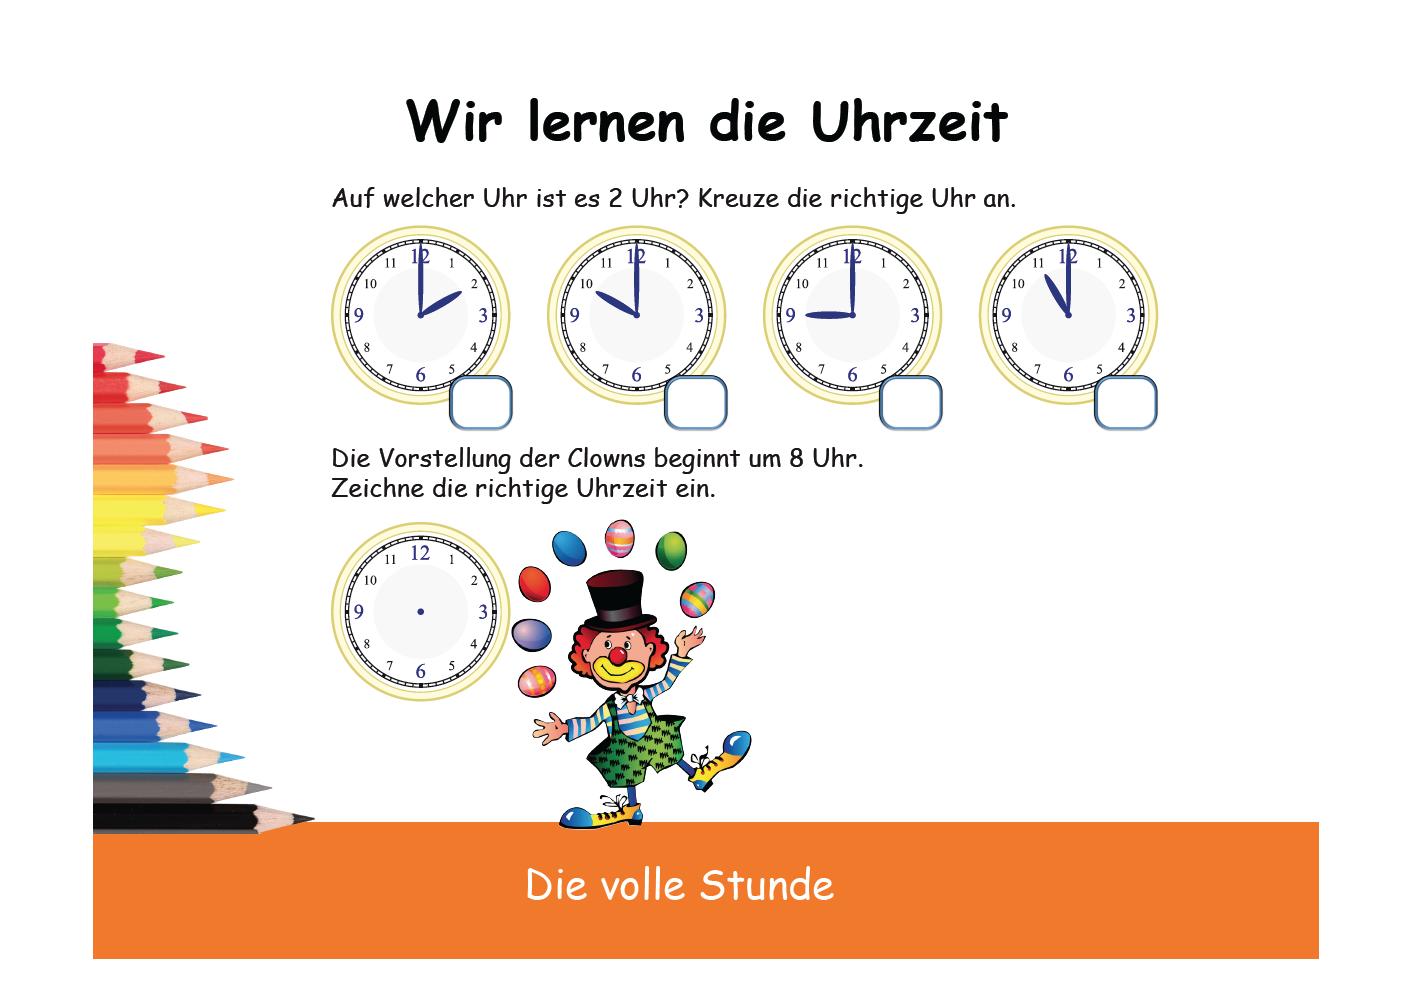 Uhrzeit und Uhr lernen: zeit bei Uhr ergänzen   Zeit   Pinterest